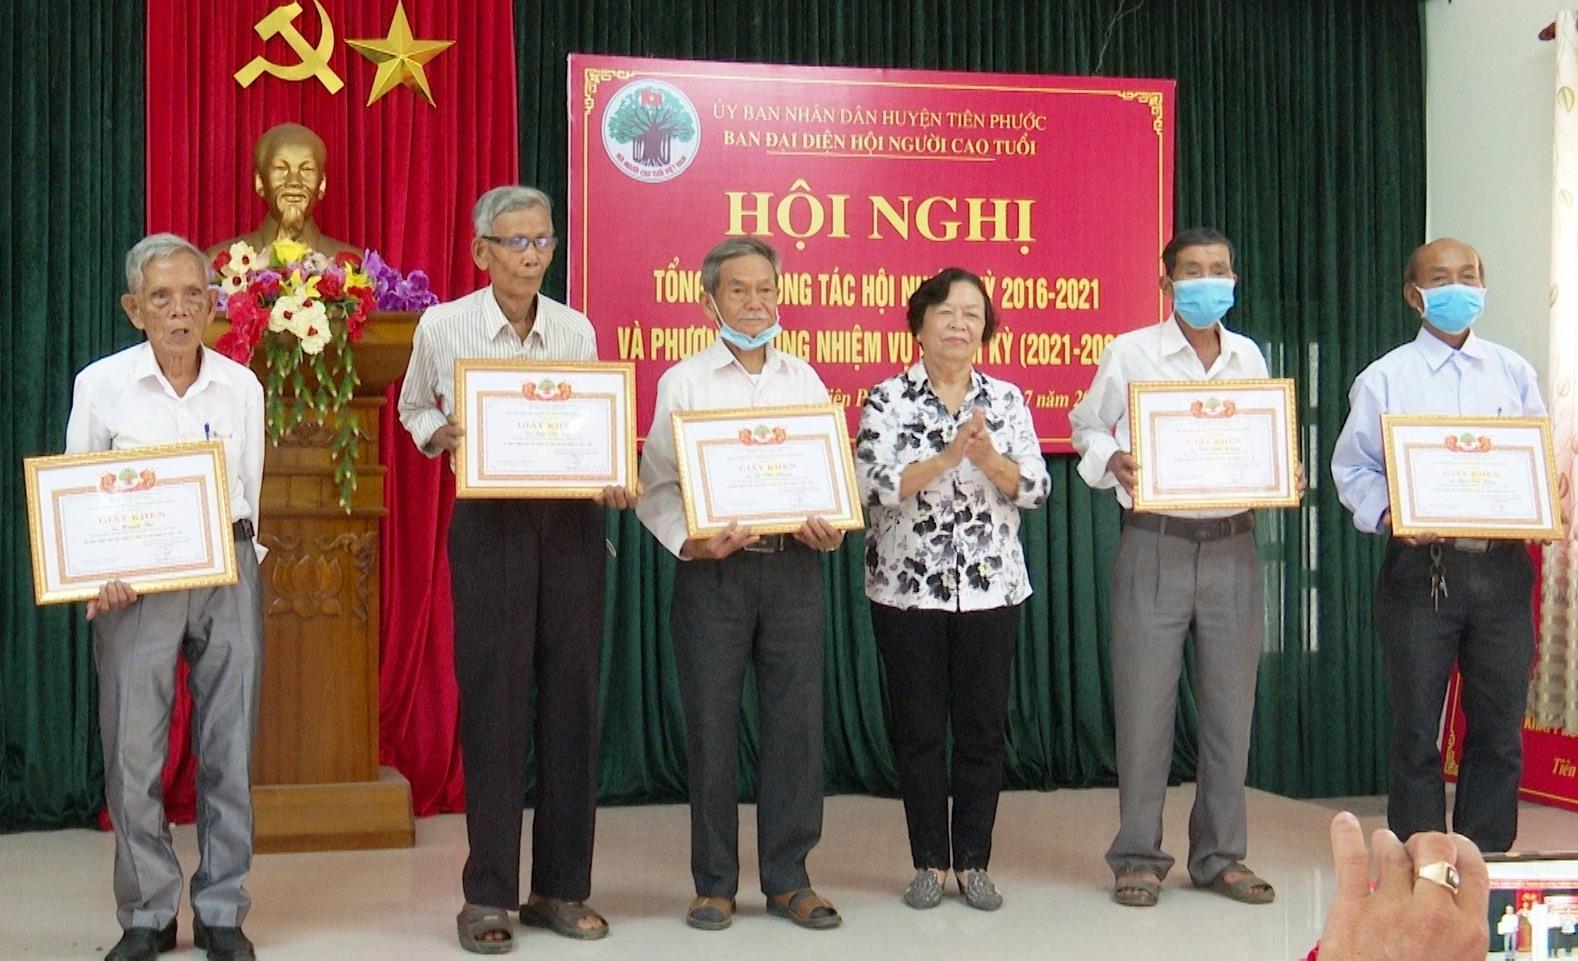 Hội NCT huyện Tiên Phức khen thưởng các tập thể, cá nhân hoàn thành tốt nhiệm vụ công tác hội nhiệm kỳ 2016 - 2021